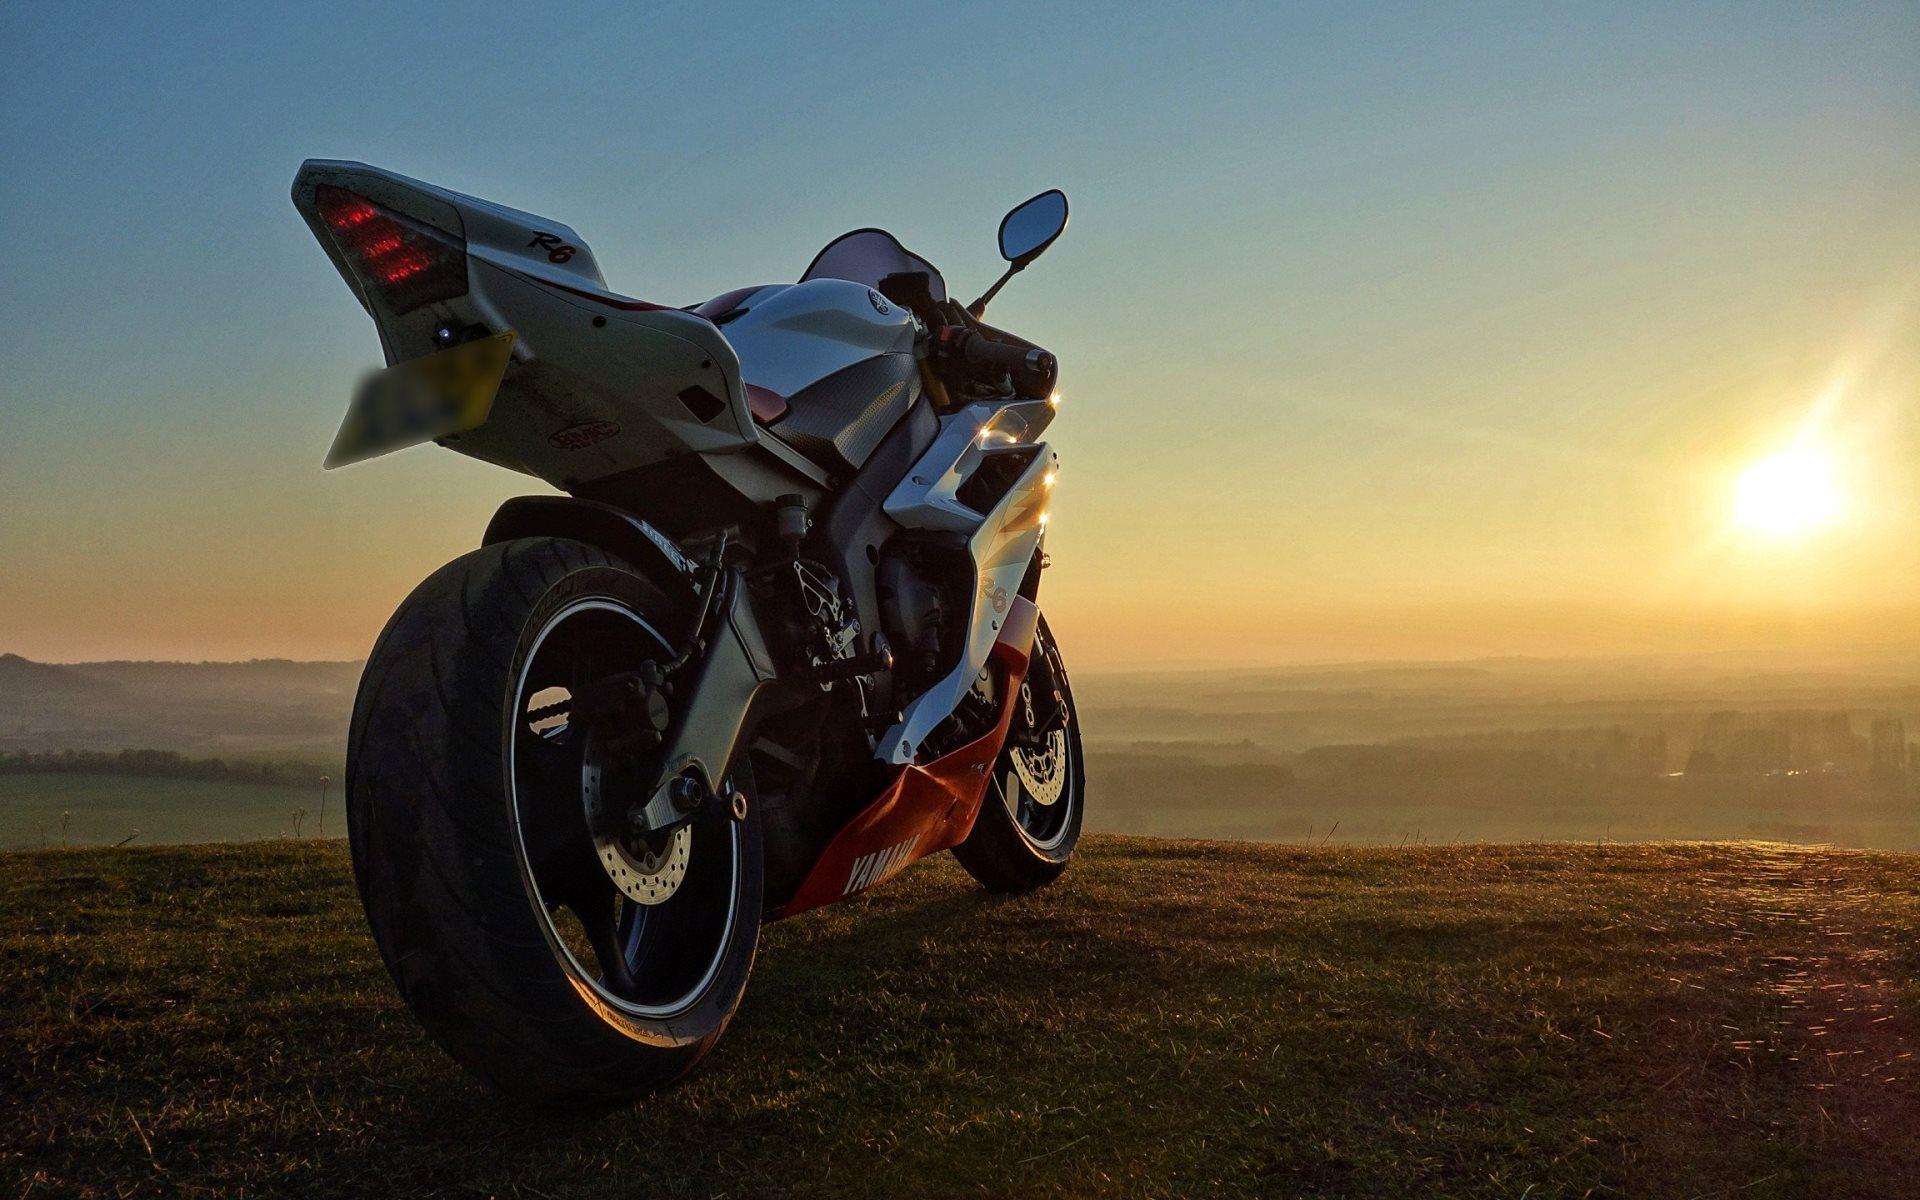 Kawasaki Ninja &amp- Yamaha R6 Motorcycles | HD Wallpapers ? 4K